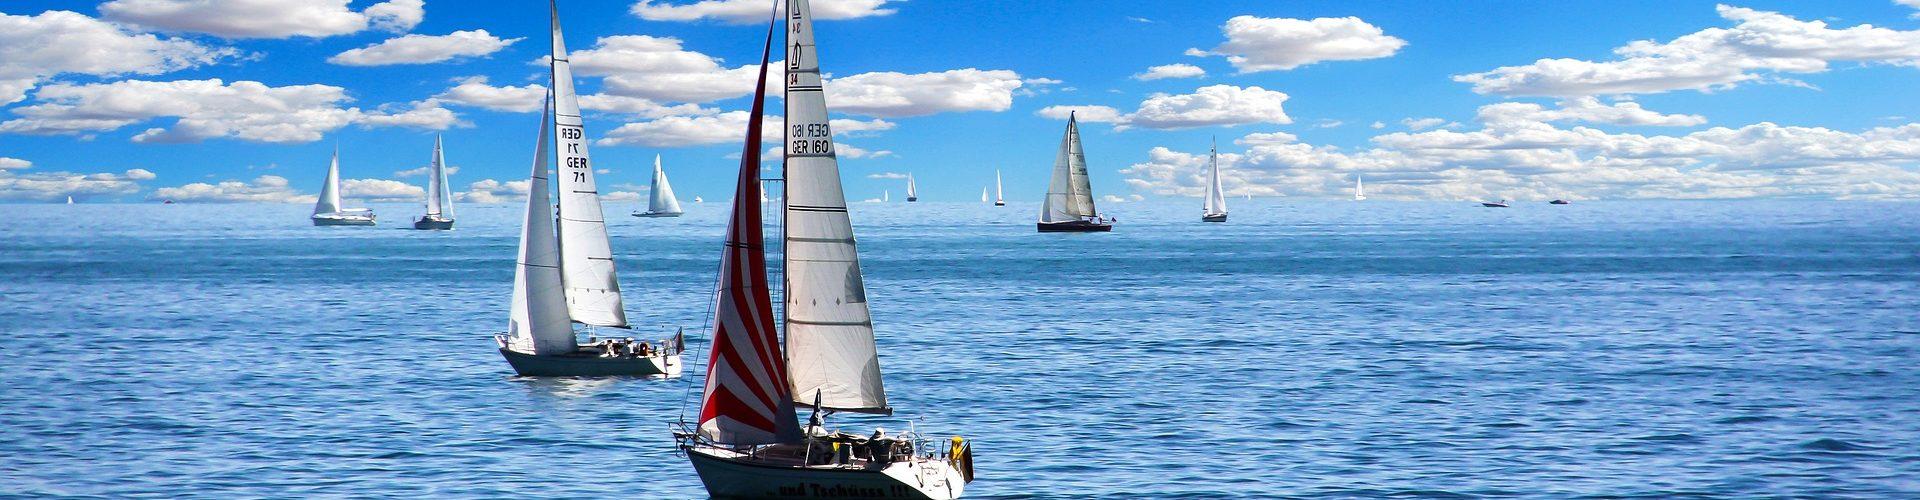 segeln lernen in Simmern segelschein machen in Simmern 1920x500 - Segeln lernen in Simmern